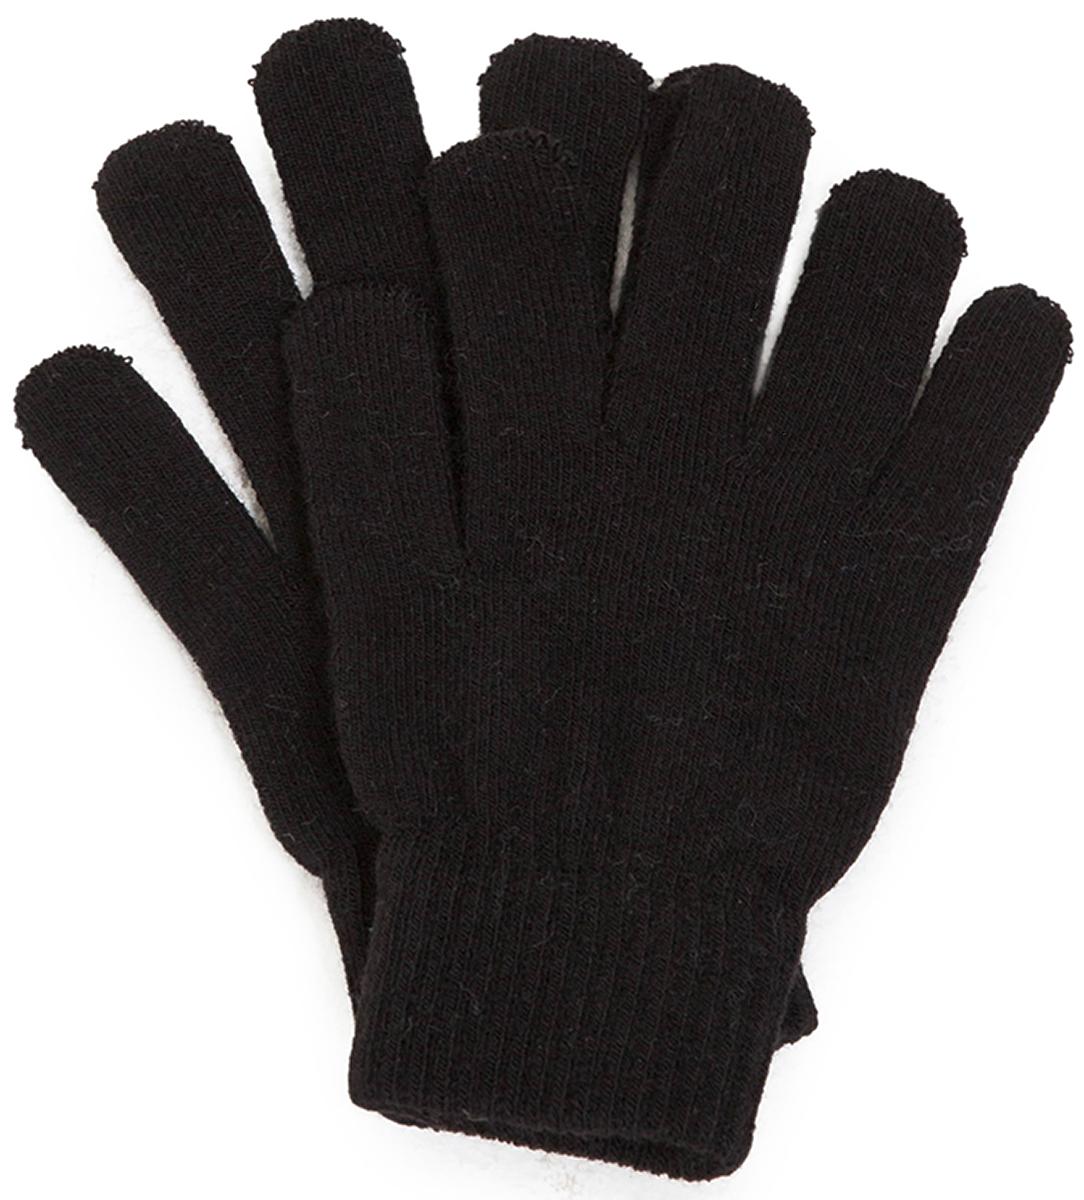 Перчатки для мальчика Acoola Zoma, цвет: черный. 20136420008. Размер M (8)20136420008Вязаные перчатки от Acoola выполнены из натуральной акриловой пряжи. Такие перчатки согреют руки вашего ребенка в холодную погоду.